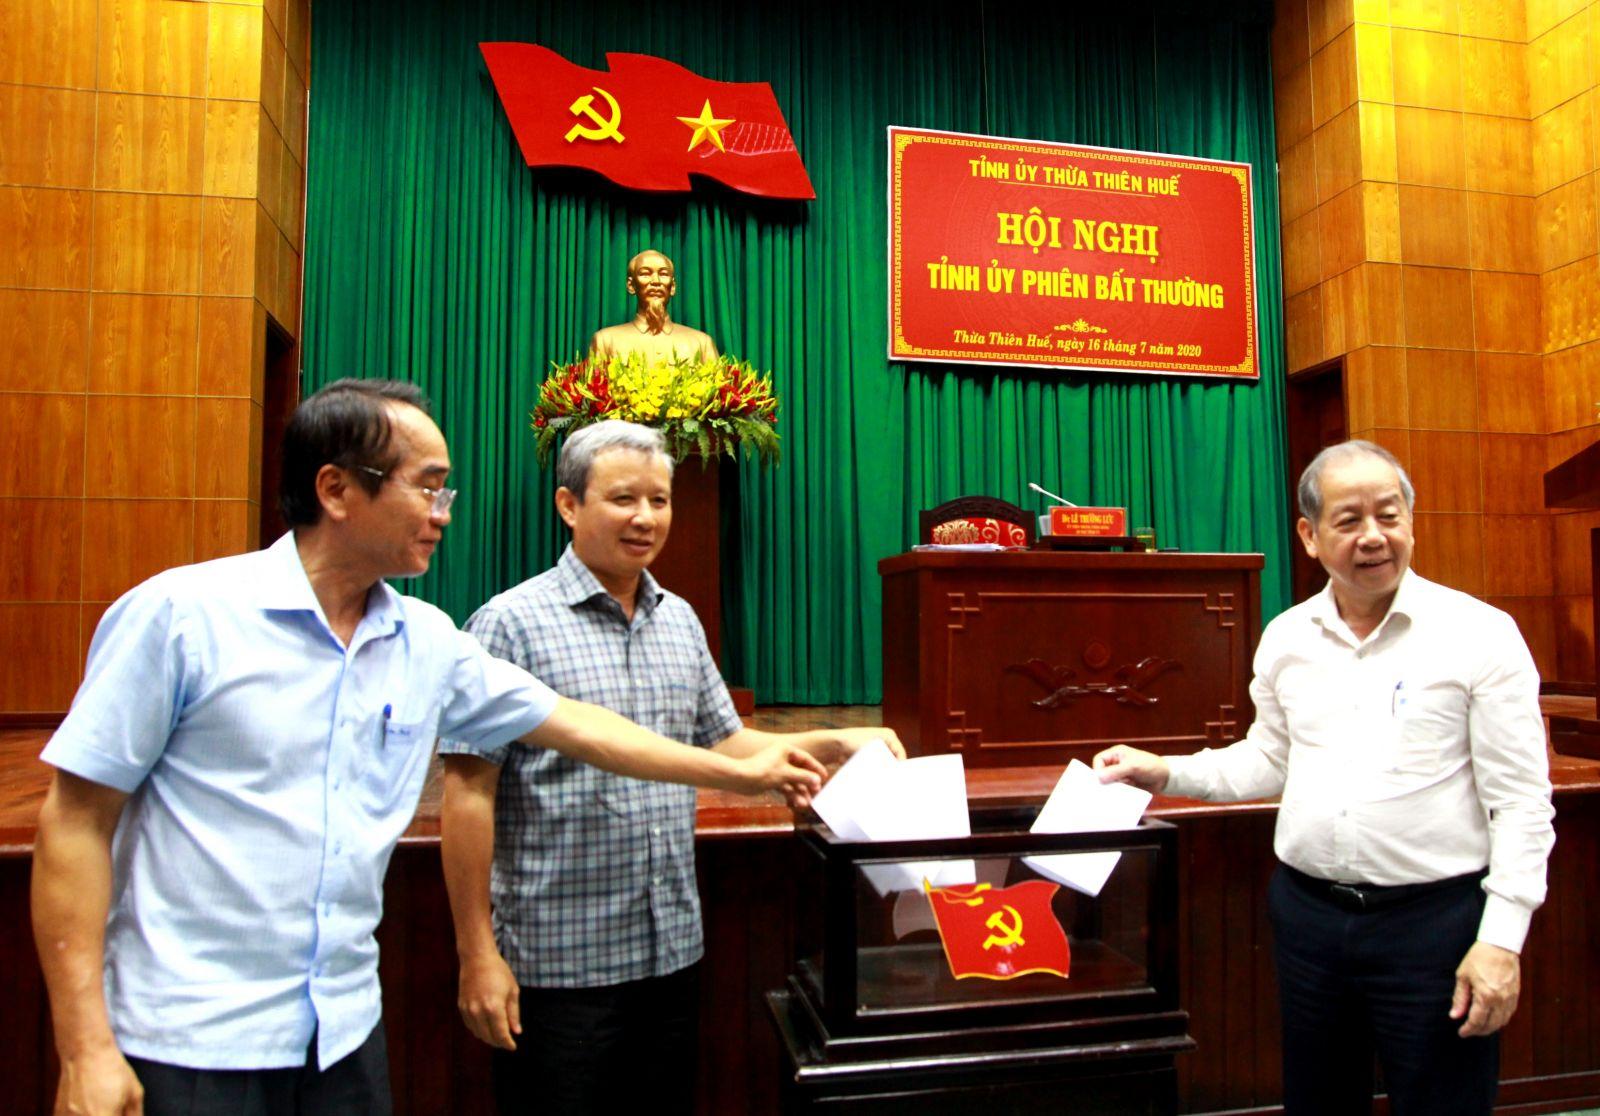 Giám đốc Công an tỉnh Thừa Thiên - Huế được bầu làm Phó Bí thư Tỉnh uỷ - Ảnh 1